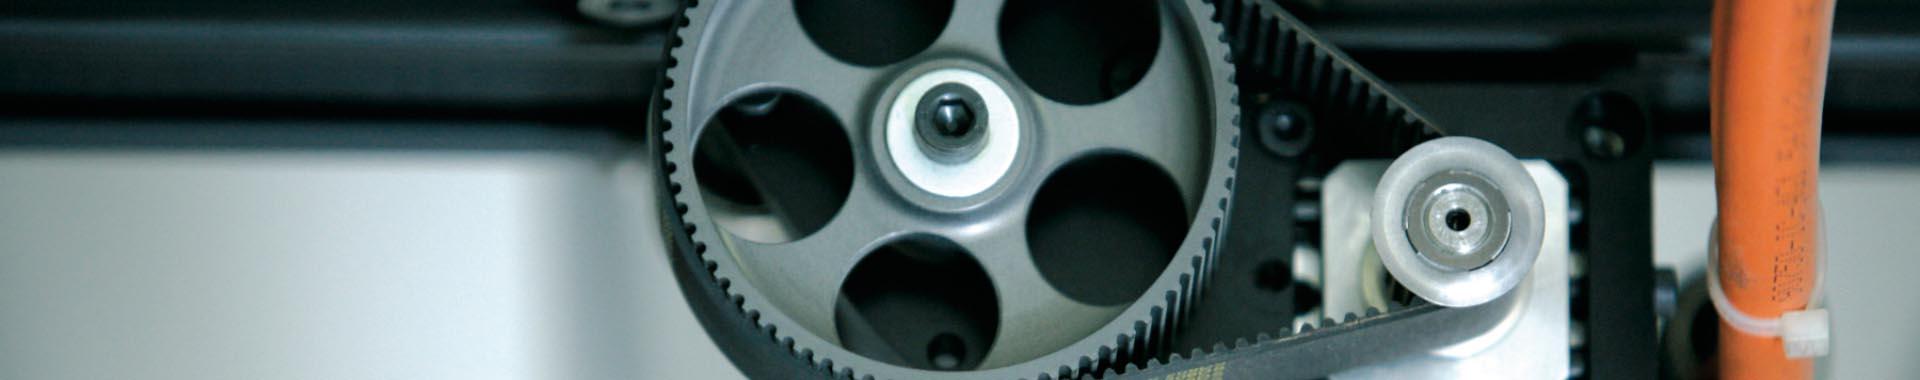 Macchine Robotizzate | Sistemi Robotizzati